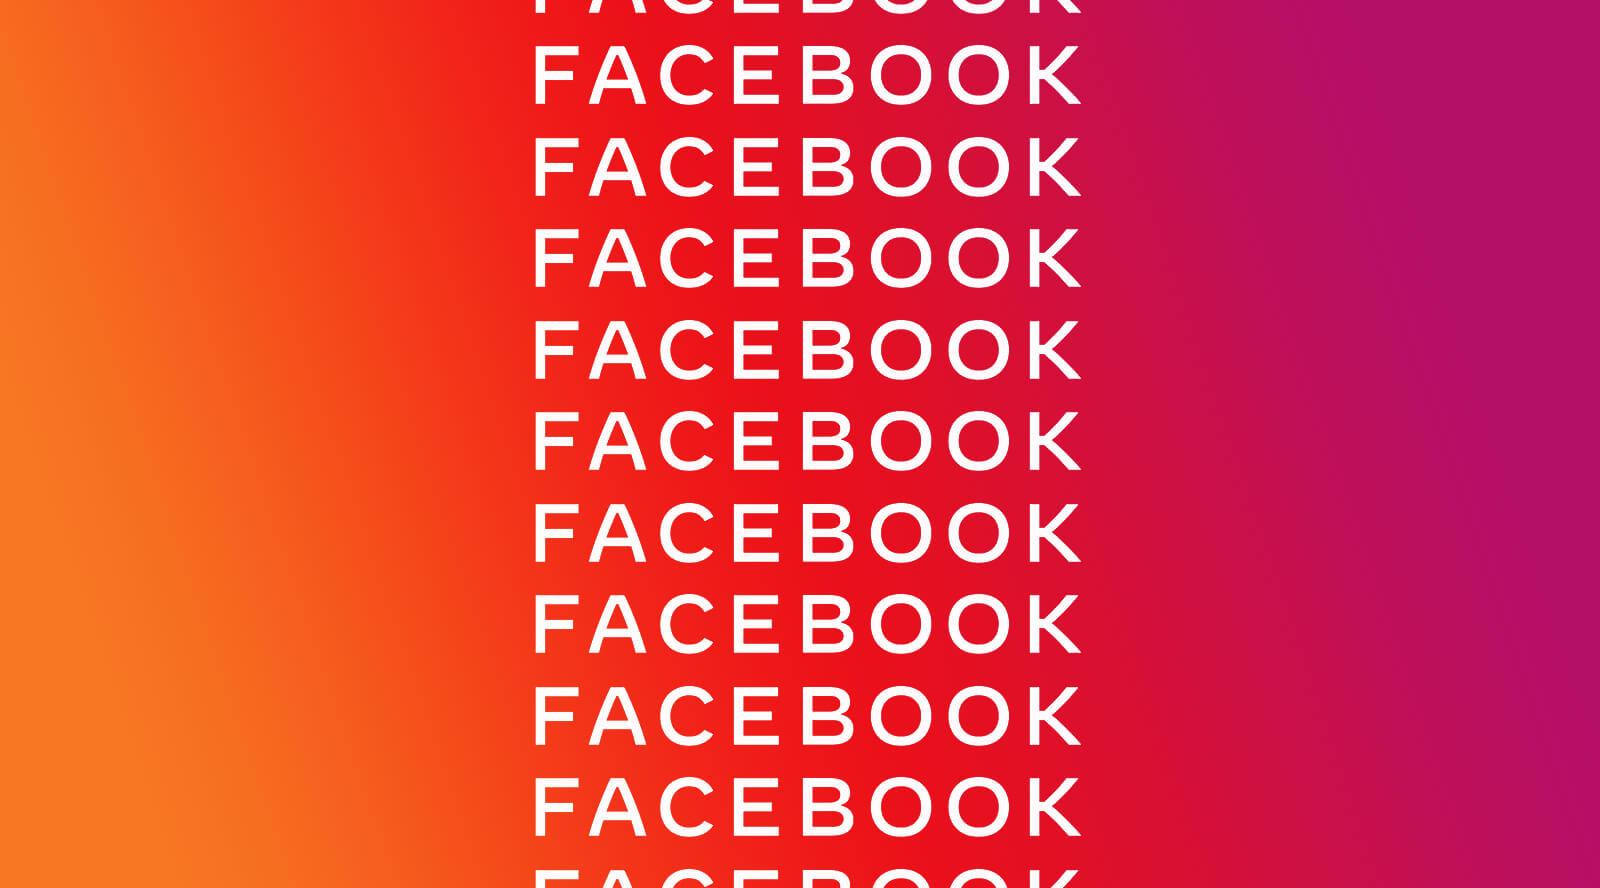 strategie-de-facebook-nouveau-logotype-antoine-peltier-5